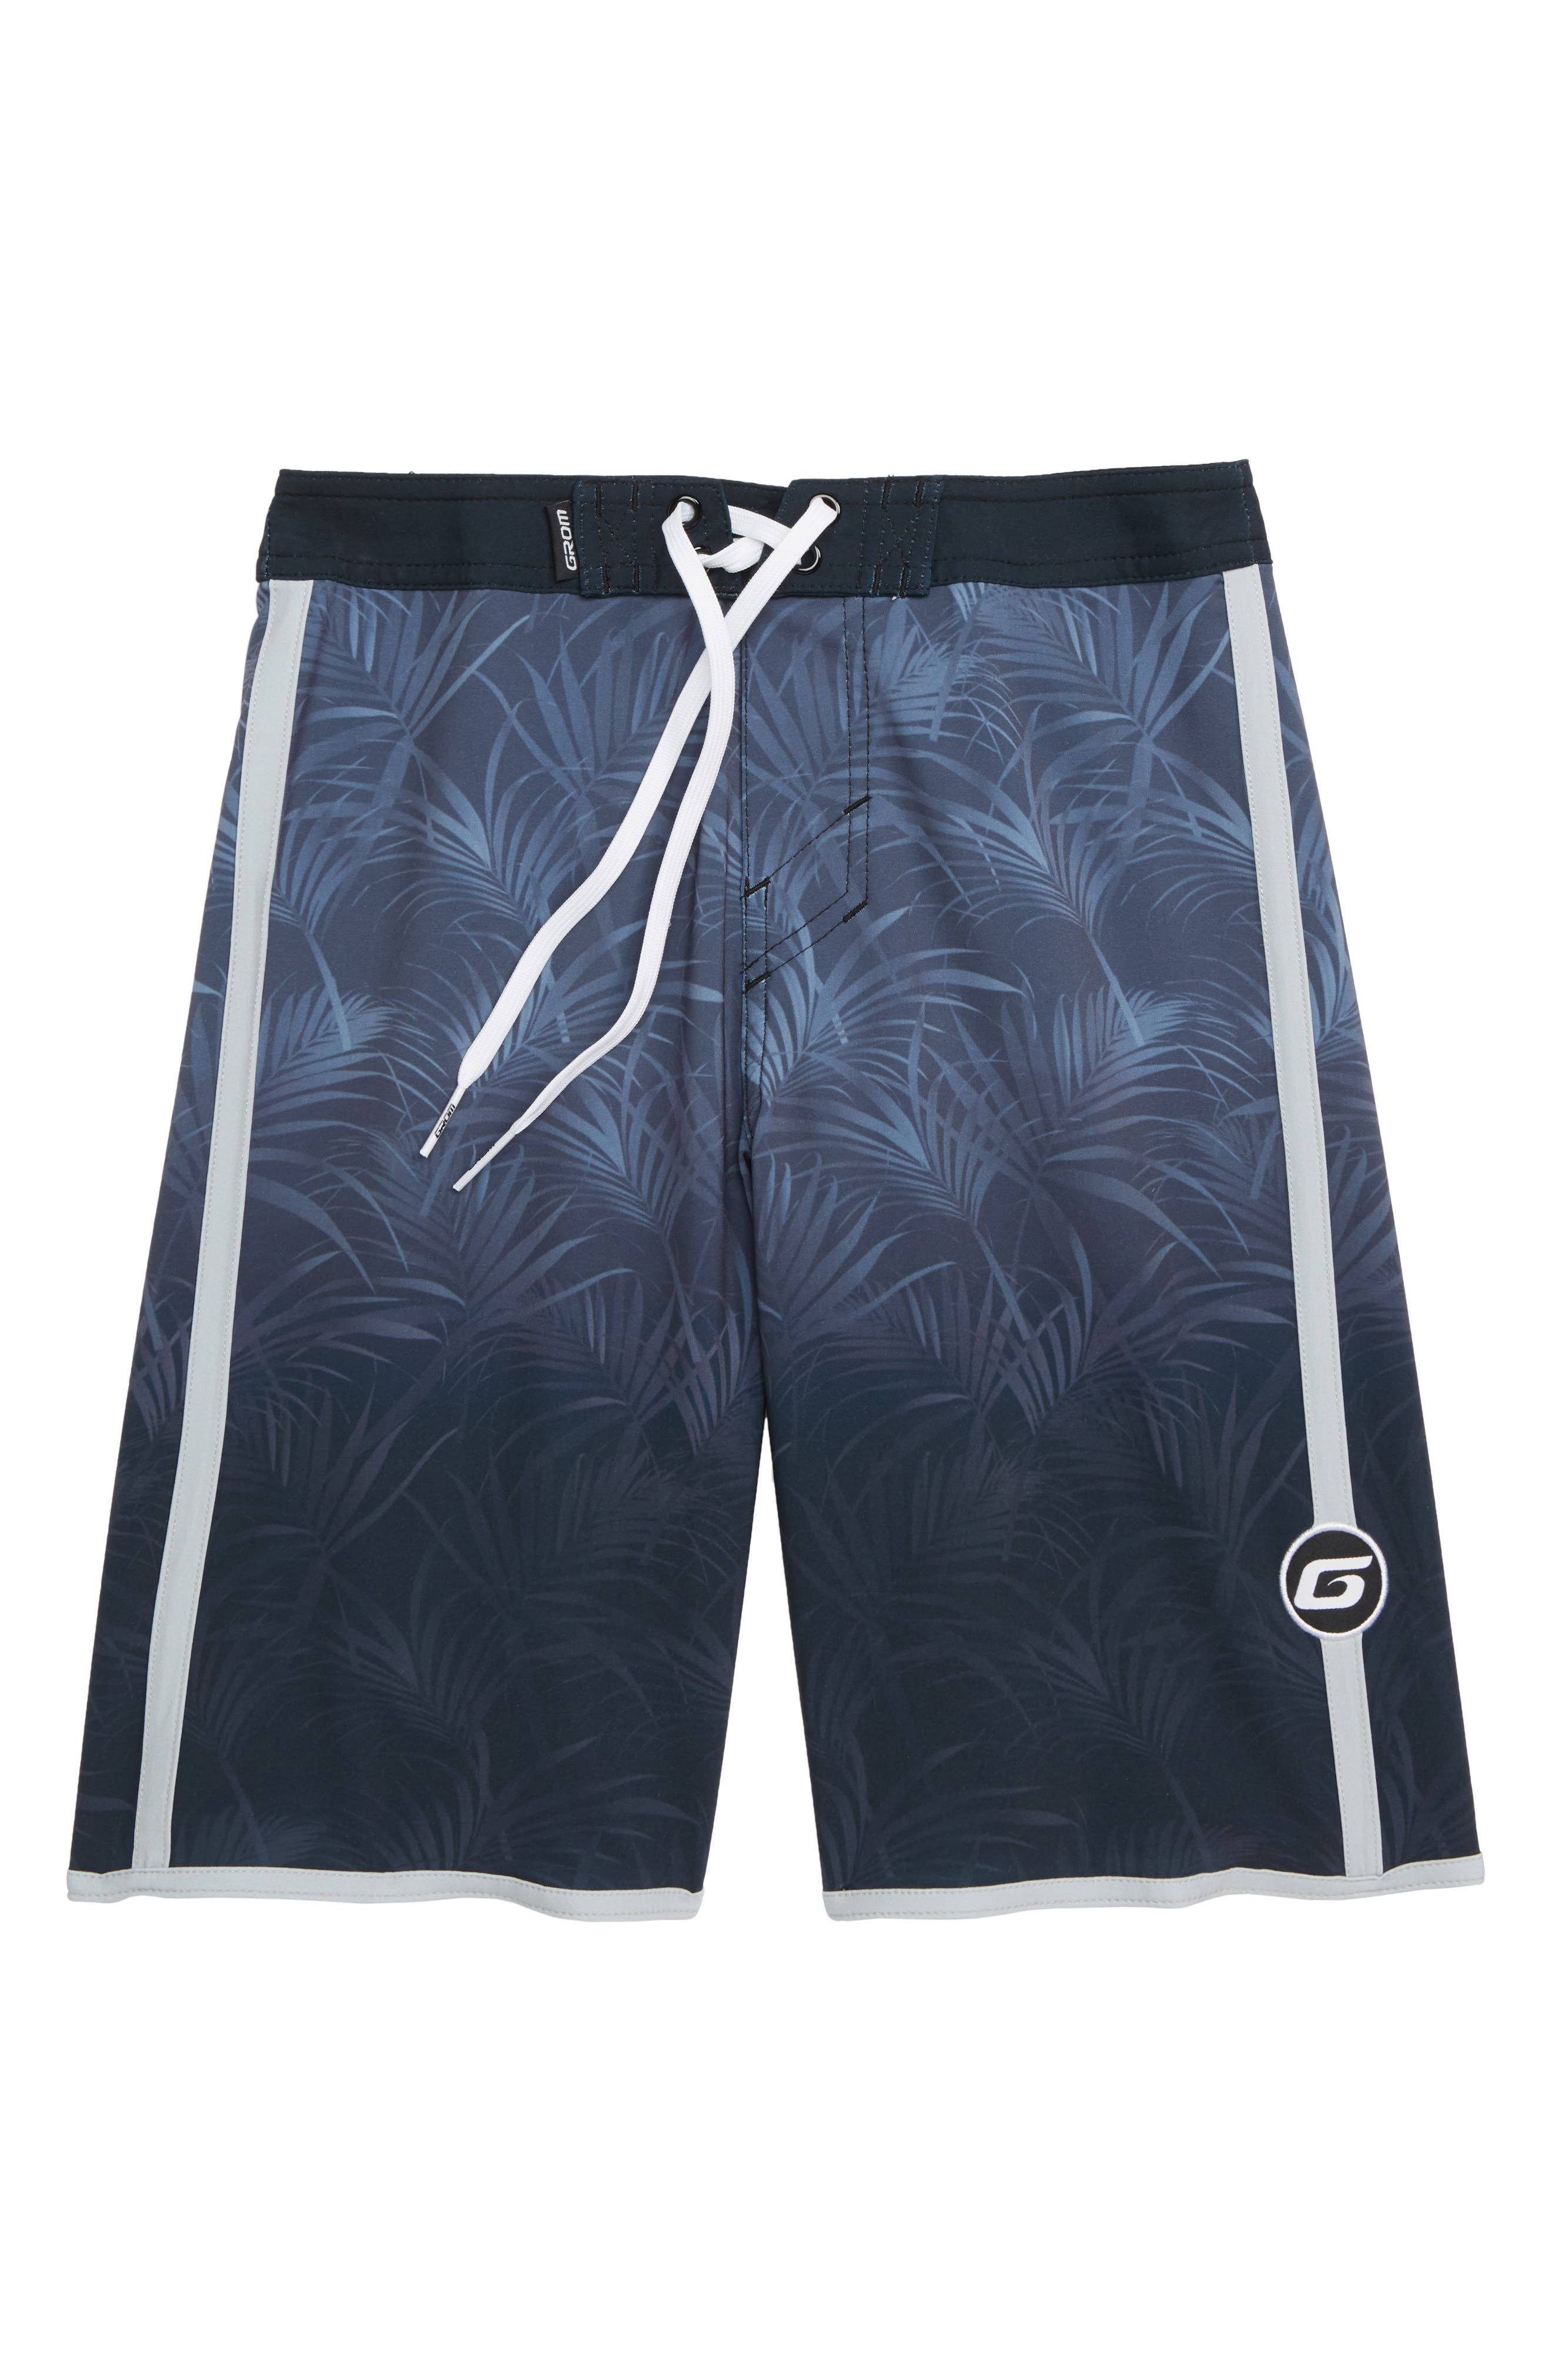 Palm Fade Board Shorts,                             Main thumbnail 1, color,                             BLACK